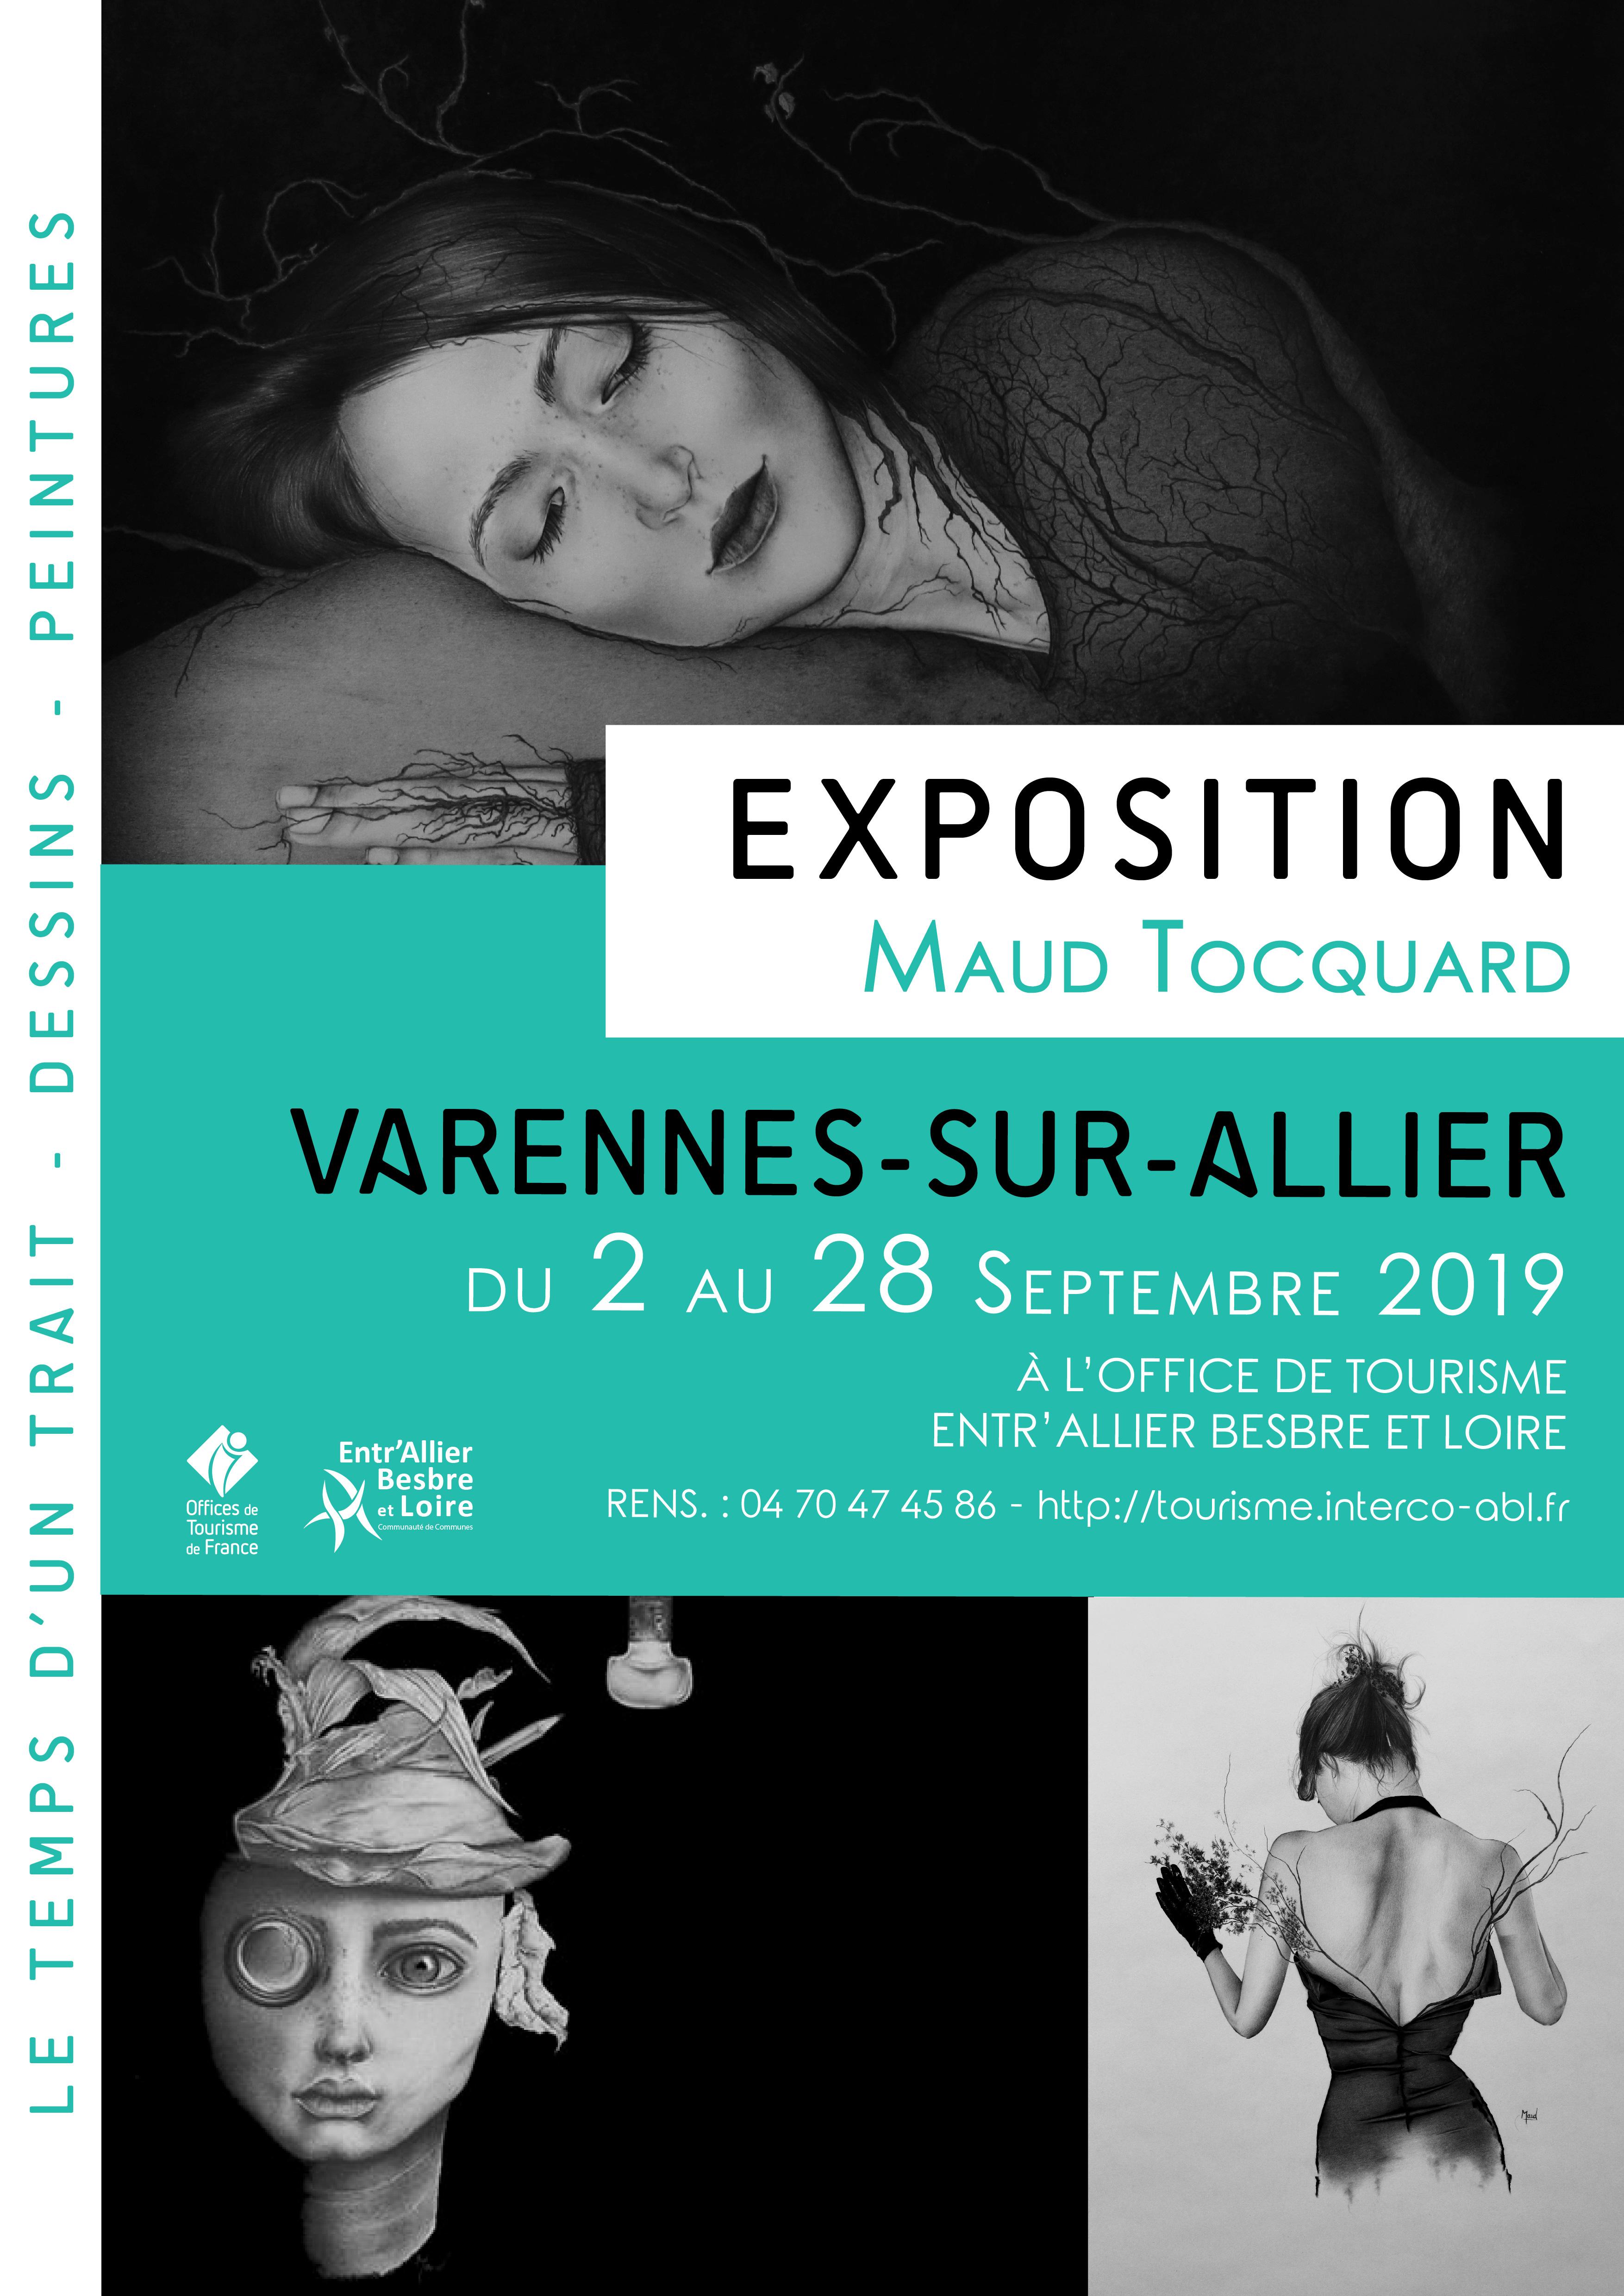 Exposition de Maud TOCQUARD du 2 au 28 septembre 2019 à l'Office de Tourisme de Varennes-sur-Allier